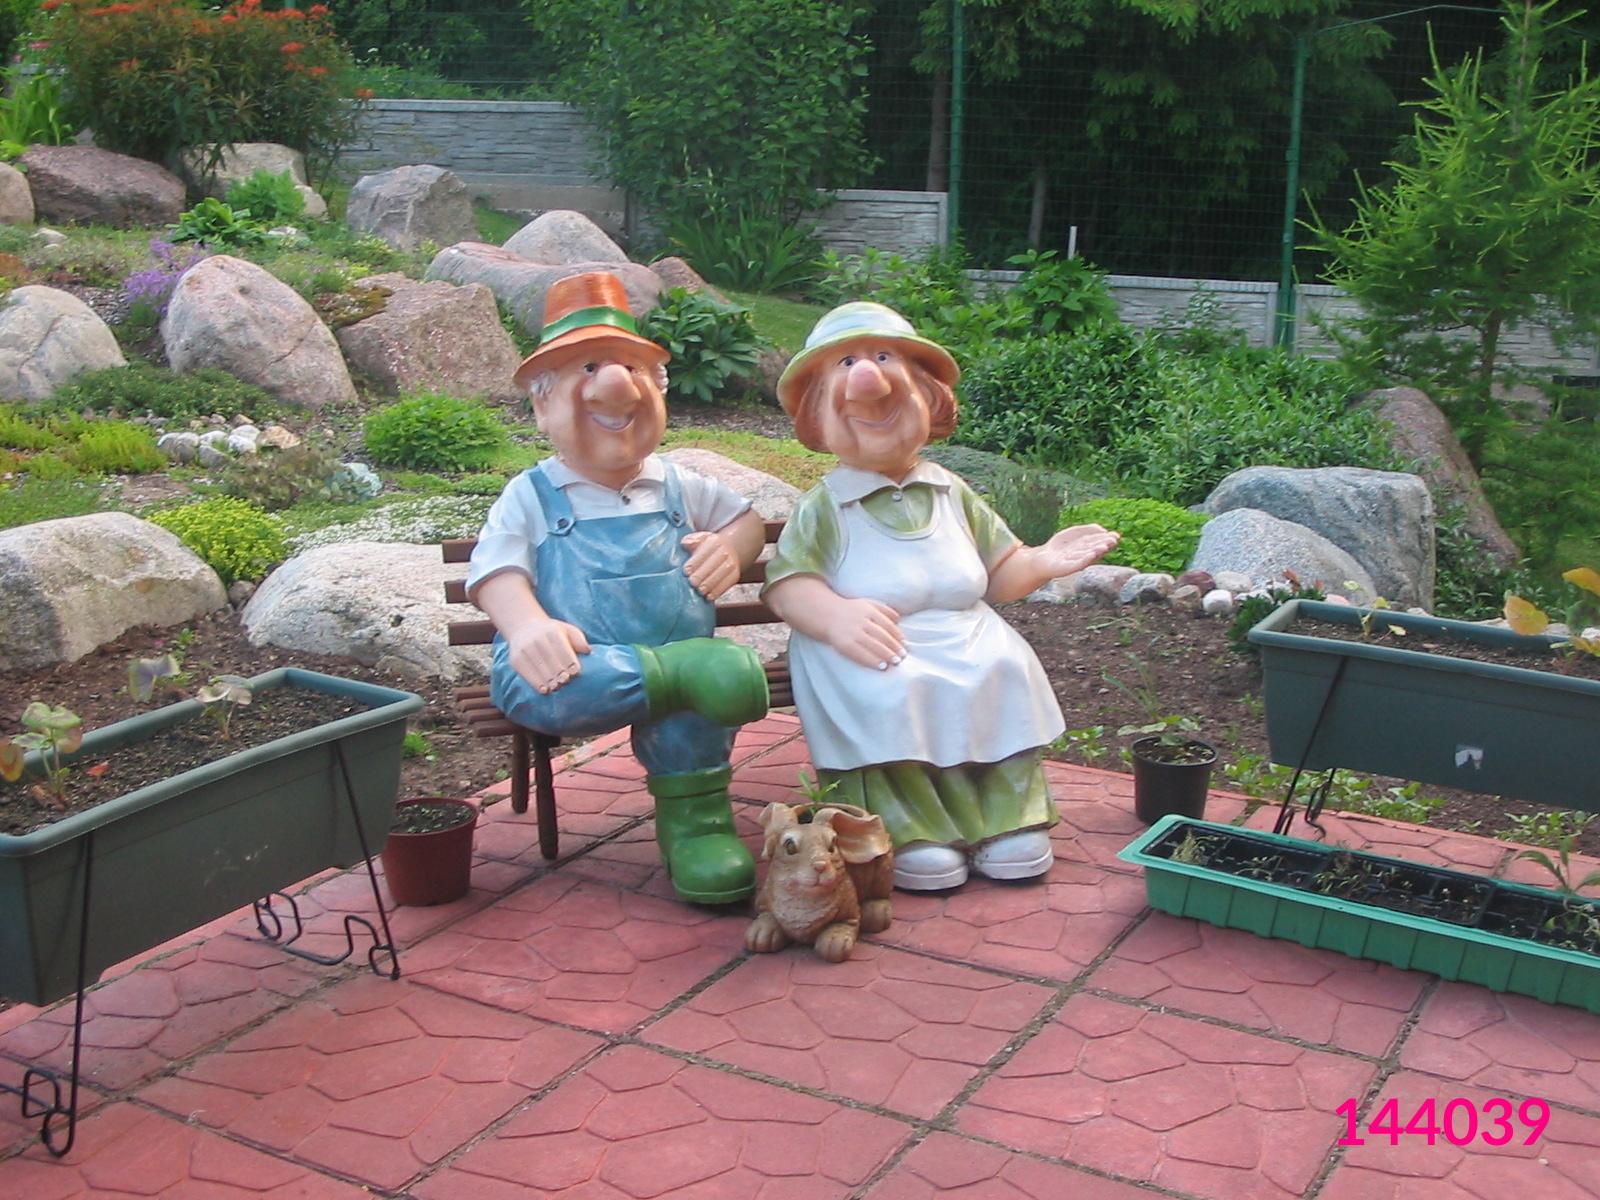 садовое товарищество Актёр